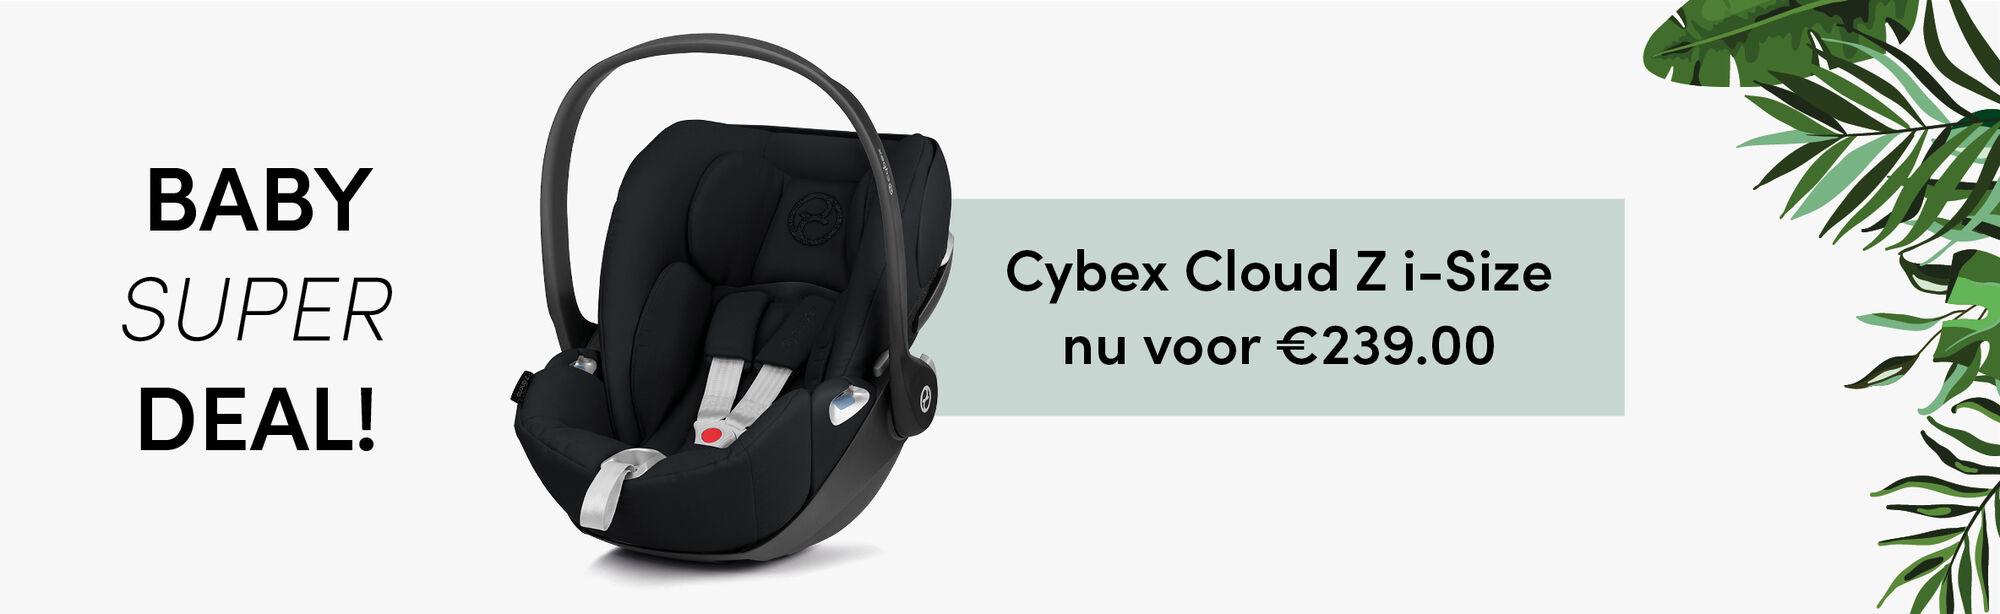 Cybex Cloud Z